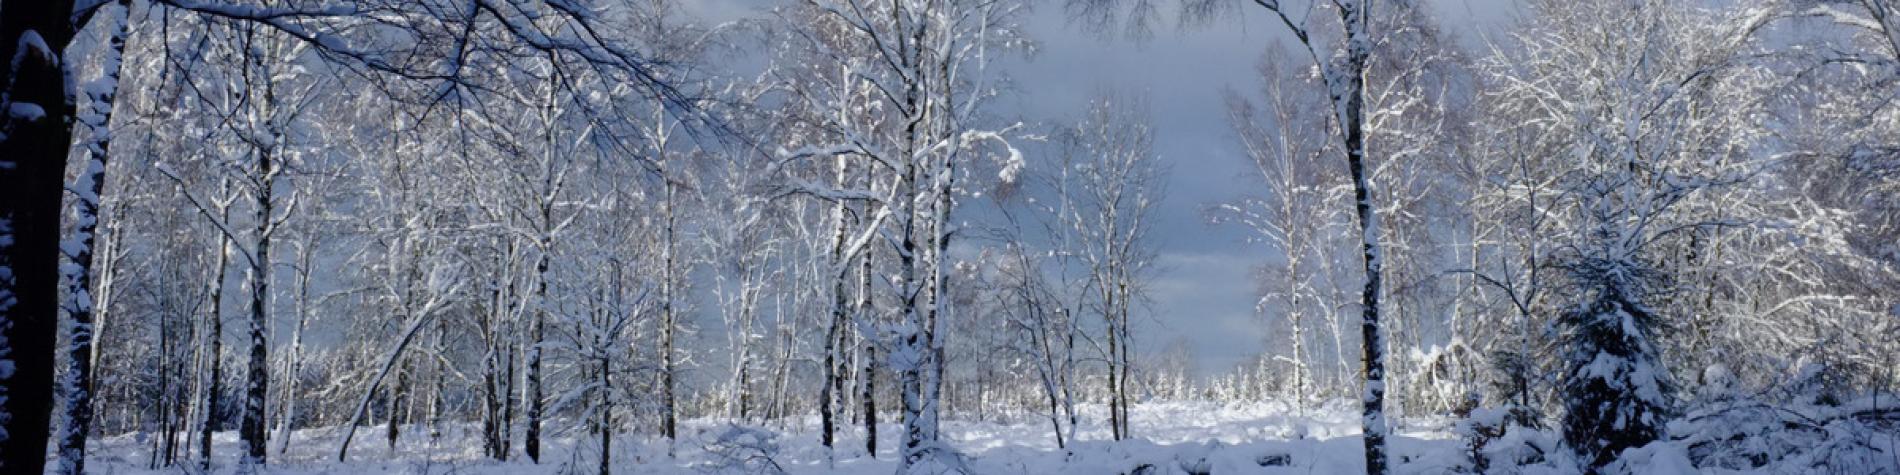 Forêt de la Croix-Scaille - Gedinne